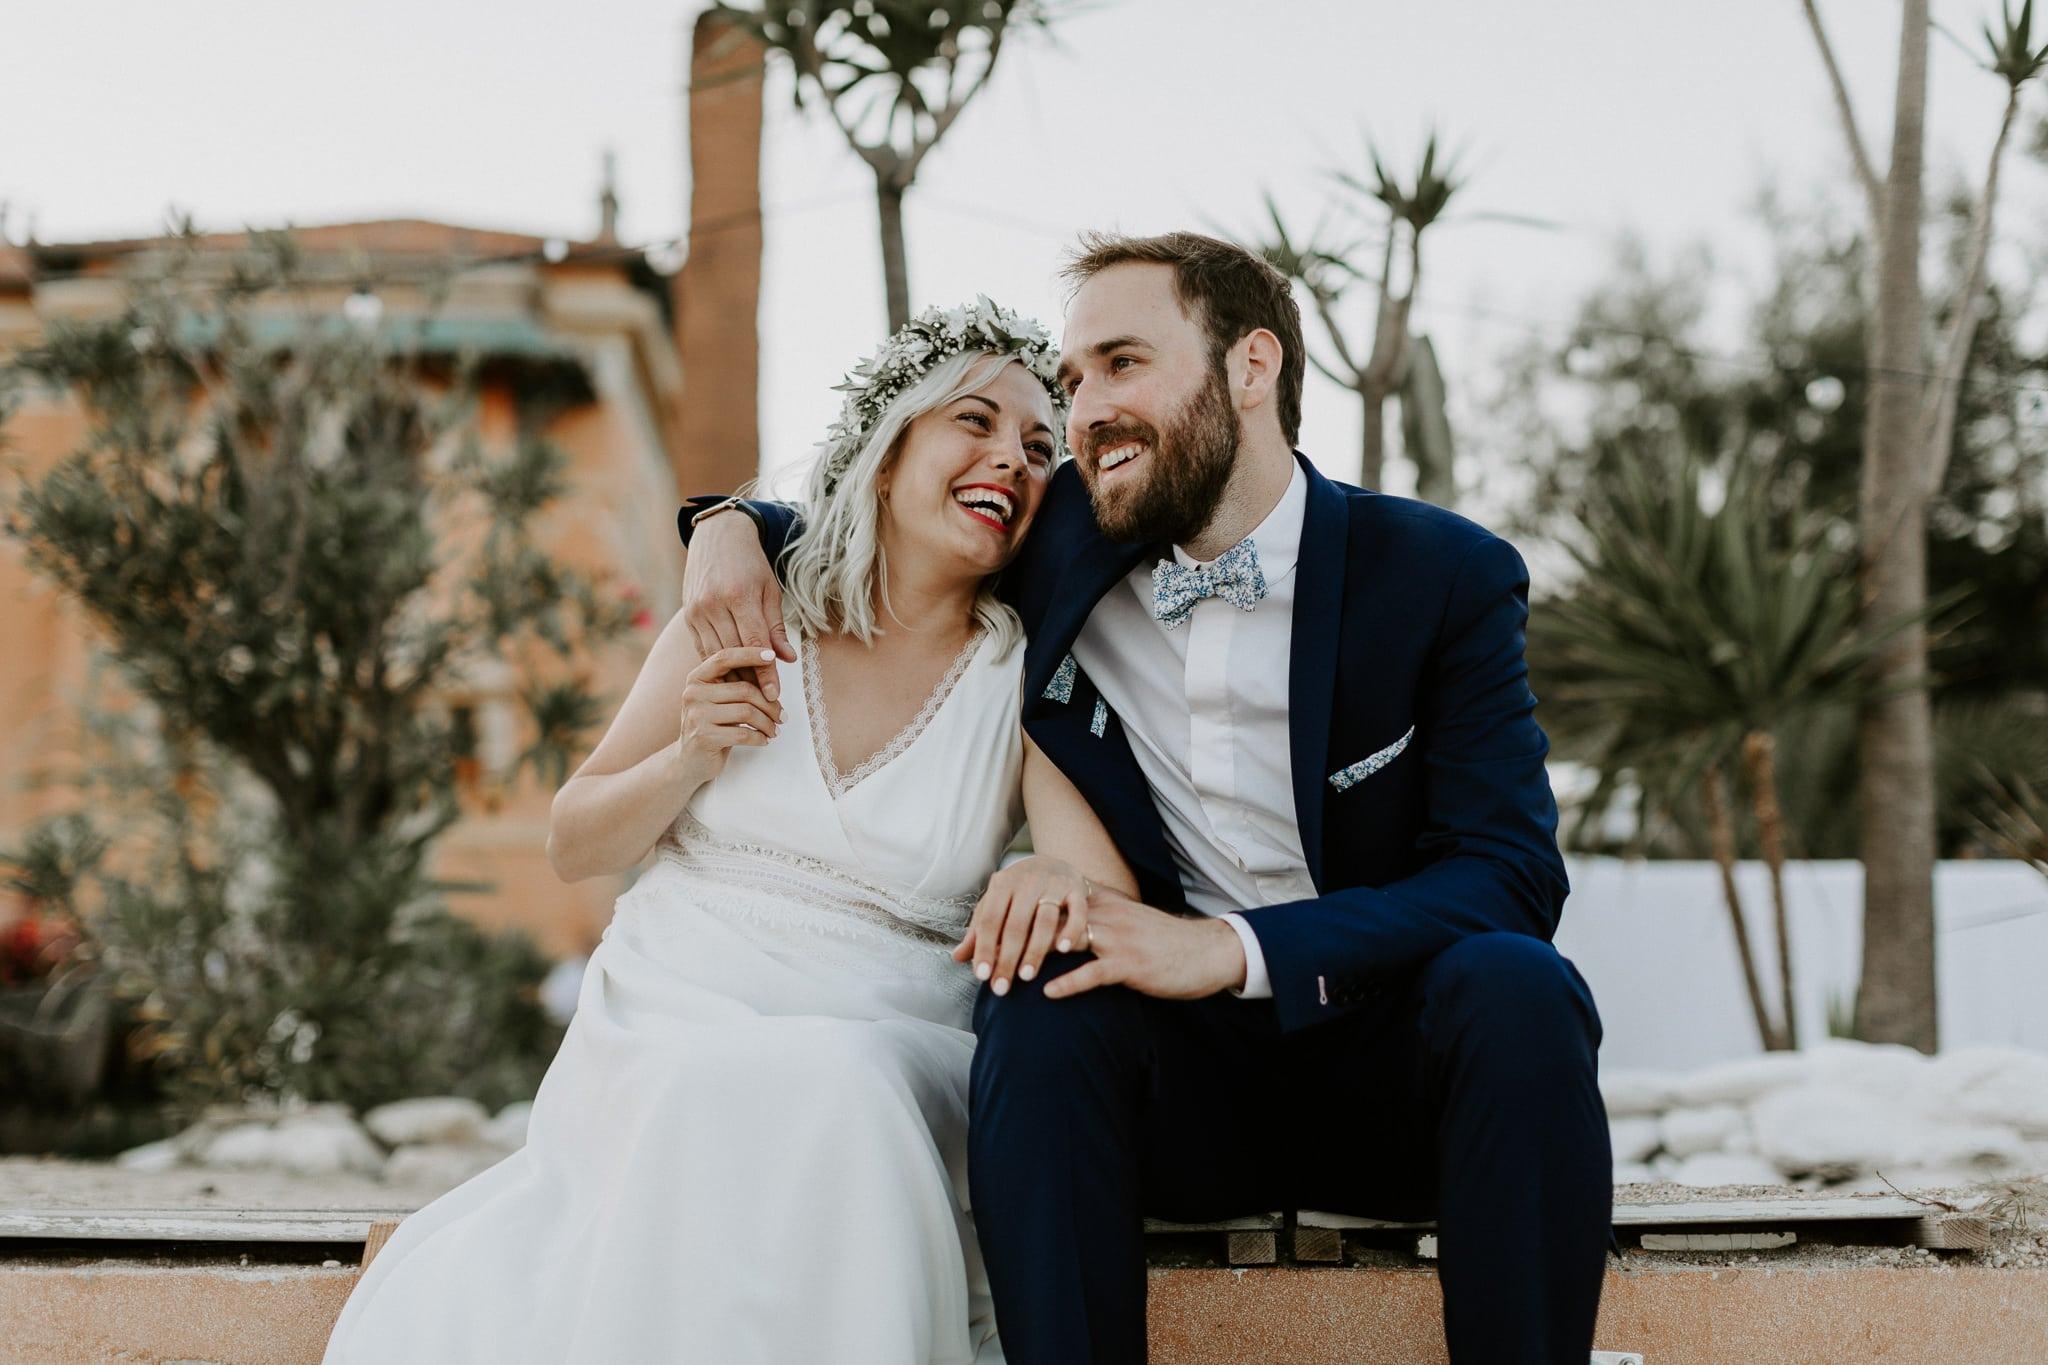 mariage-cool-boheme-cote-azur-mademoiselledo-dorotheebuteau